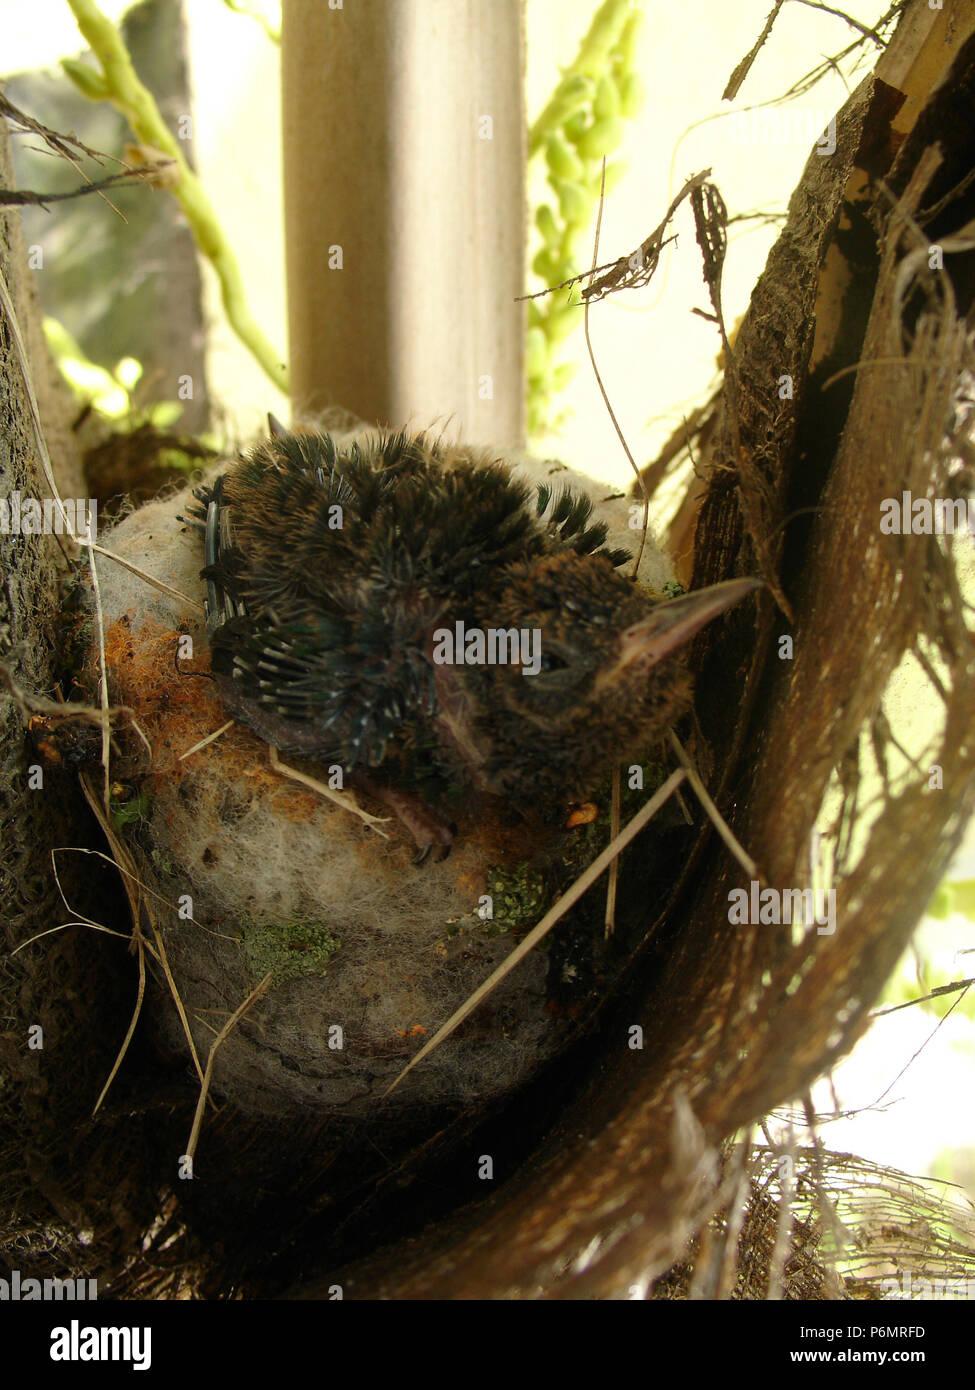 Hummingbird nest, bird, São Paulo, Brazil. - Stock Image